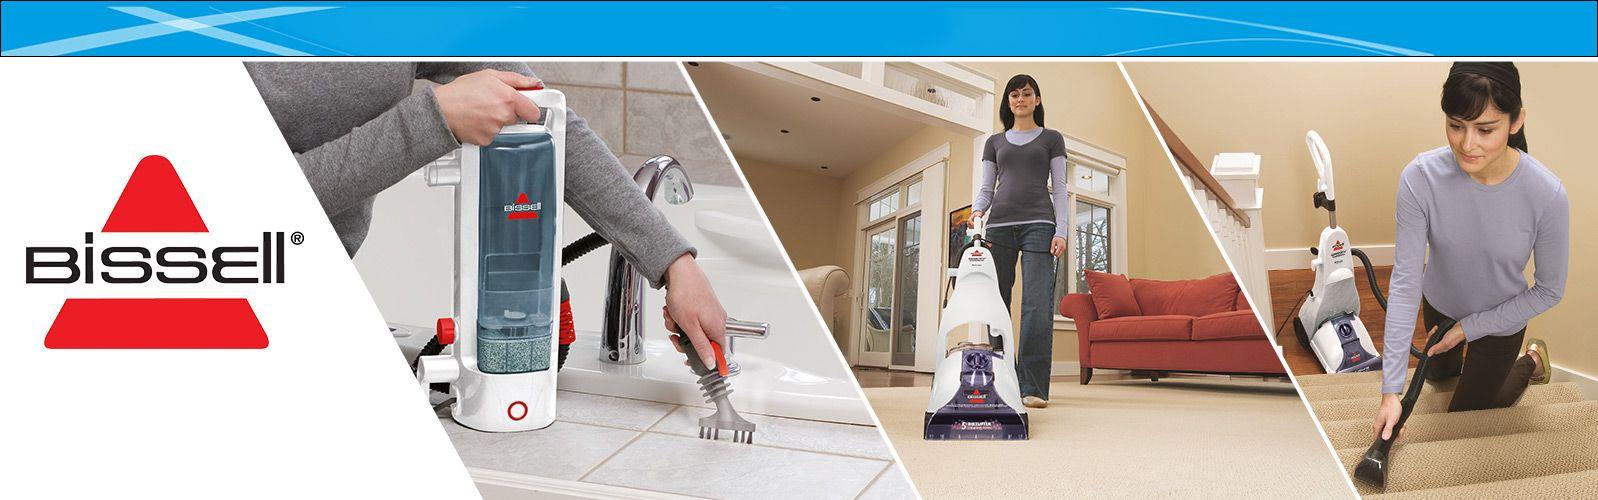 BISSELL Reinigung & Pflege